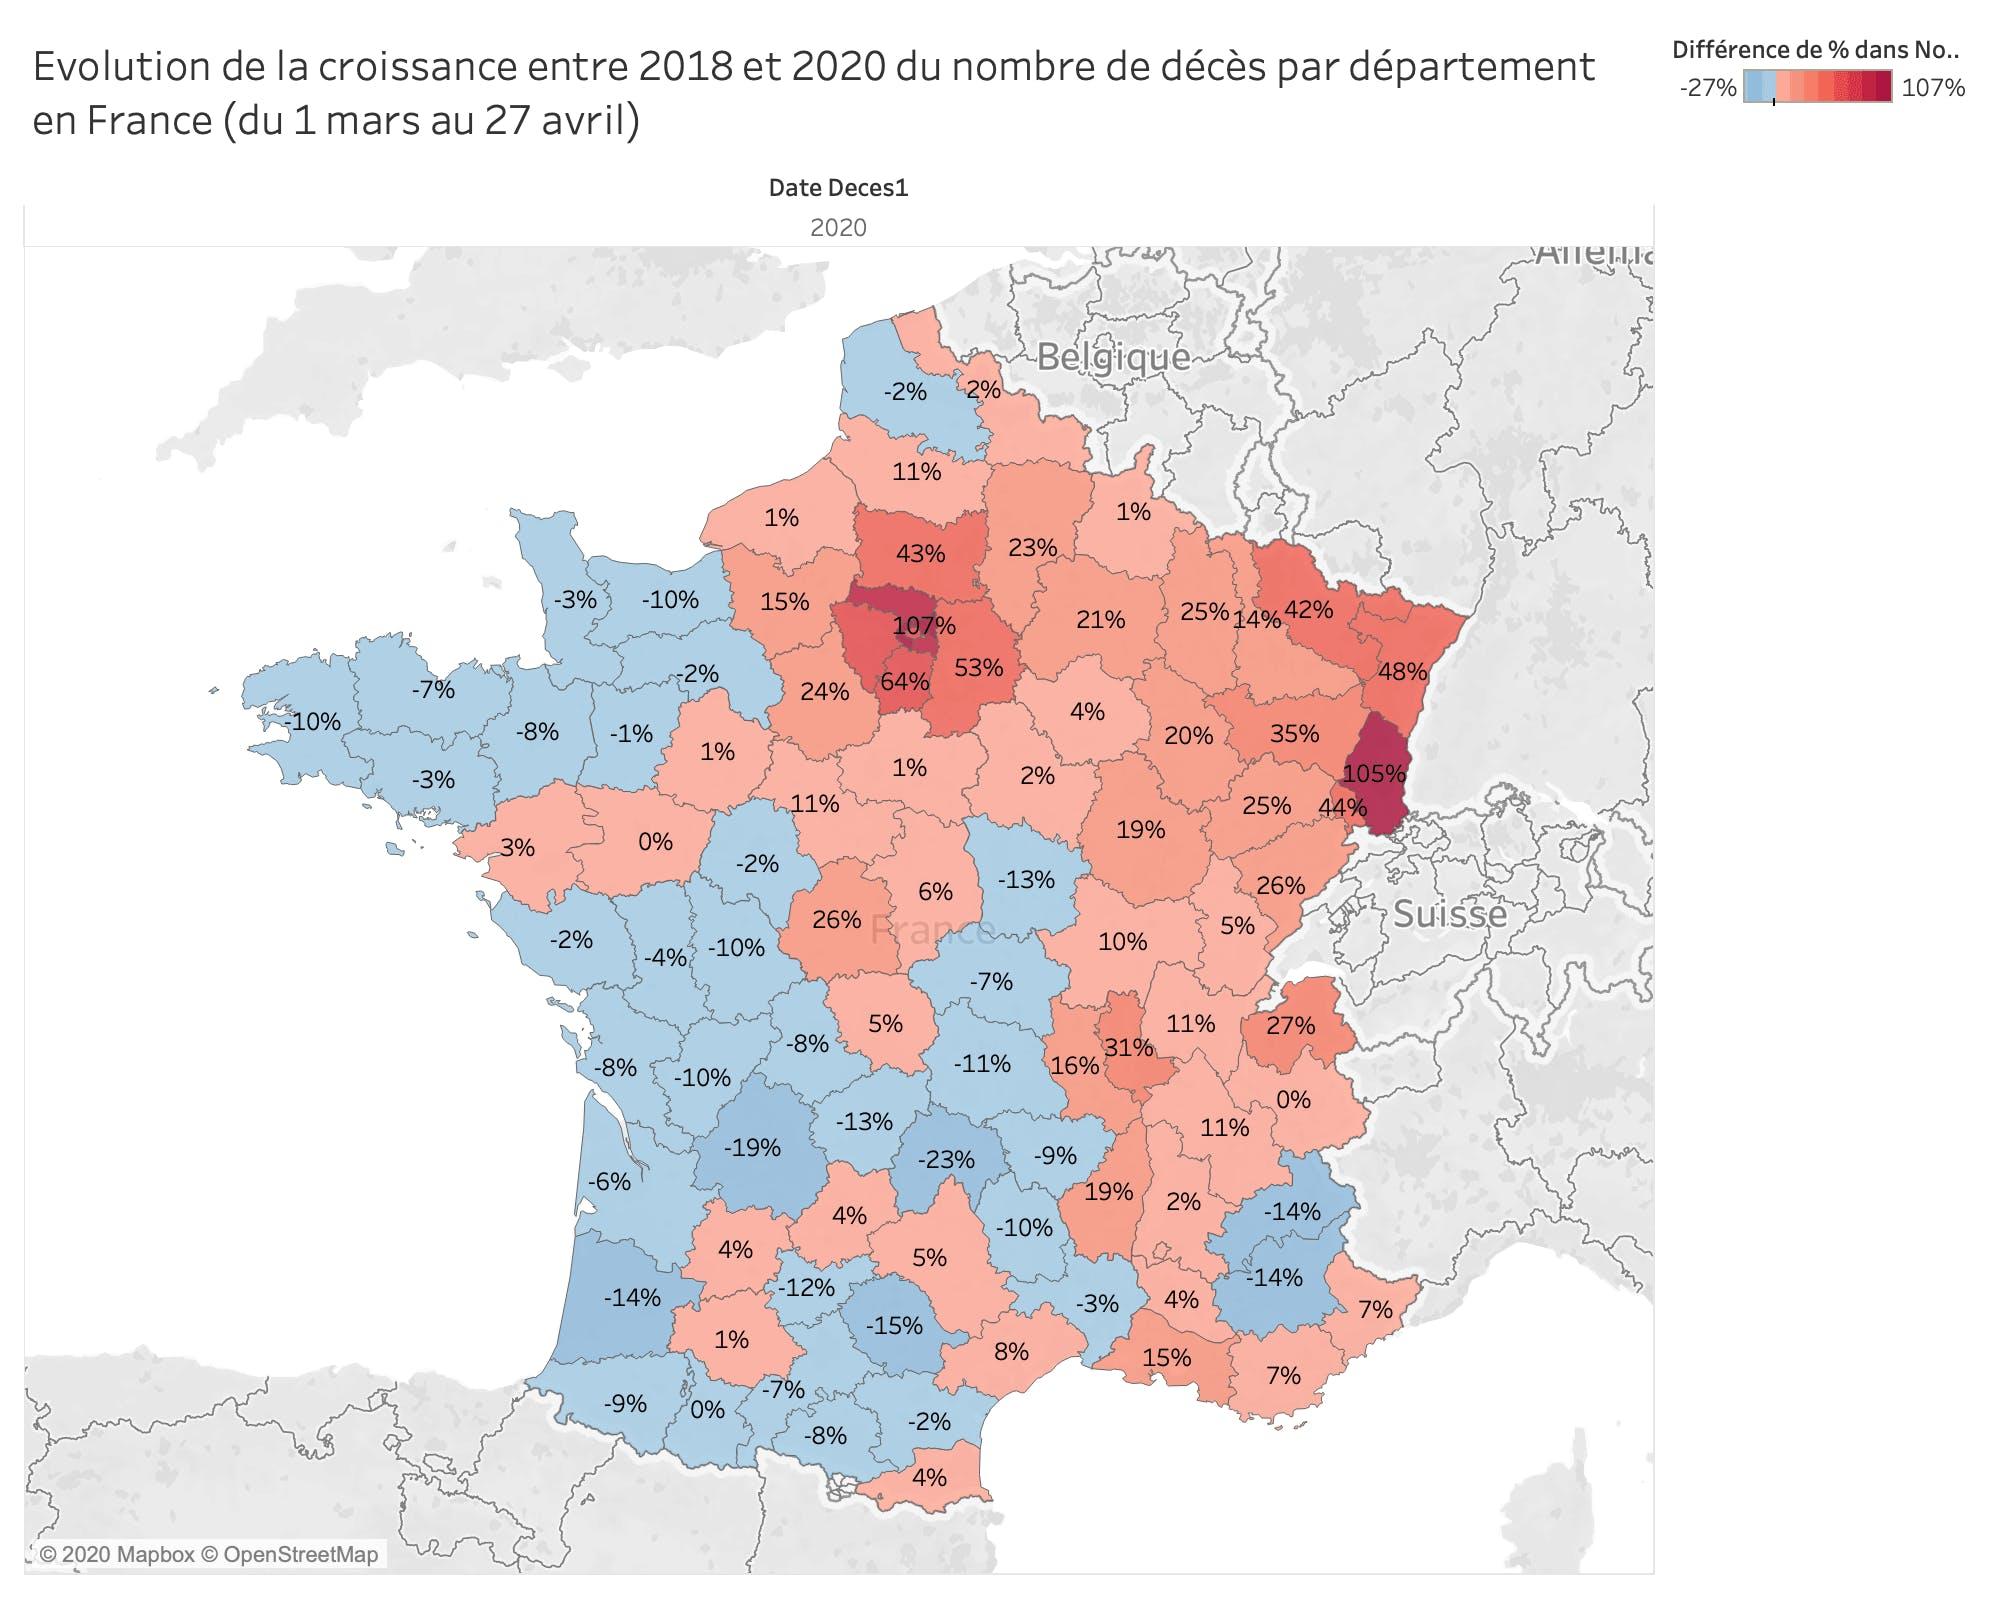 Evolution de la croissance entre 2018 et 2020 du nombre de décès par département en France (du 1 mars au 27 avril)